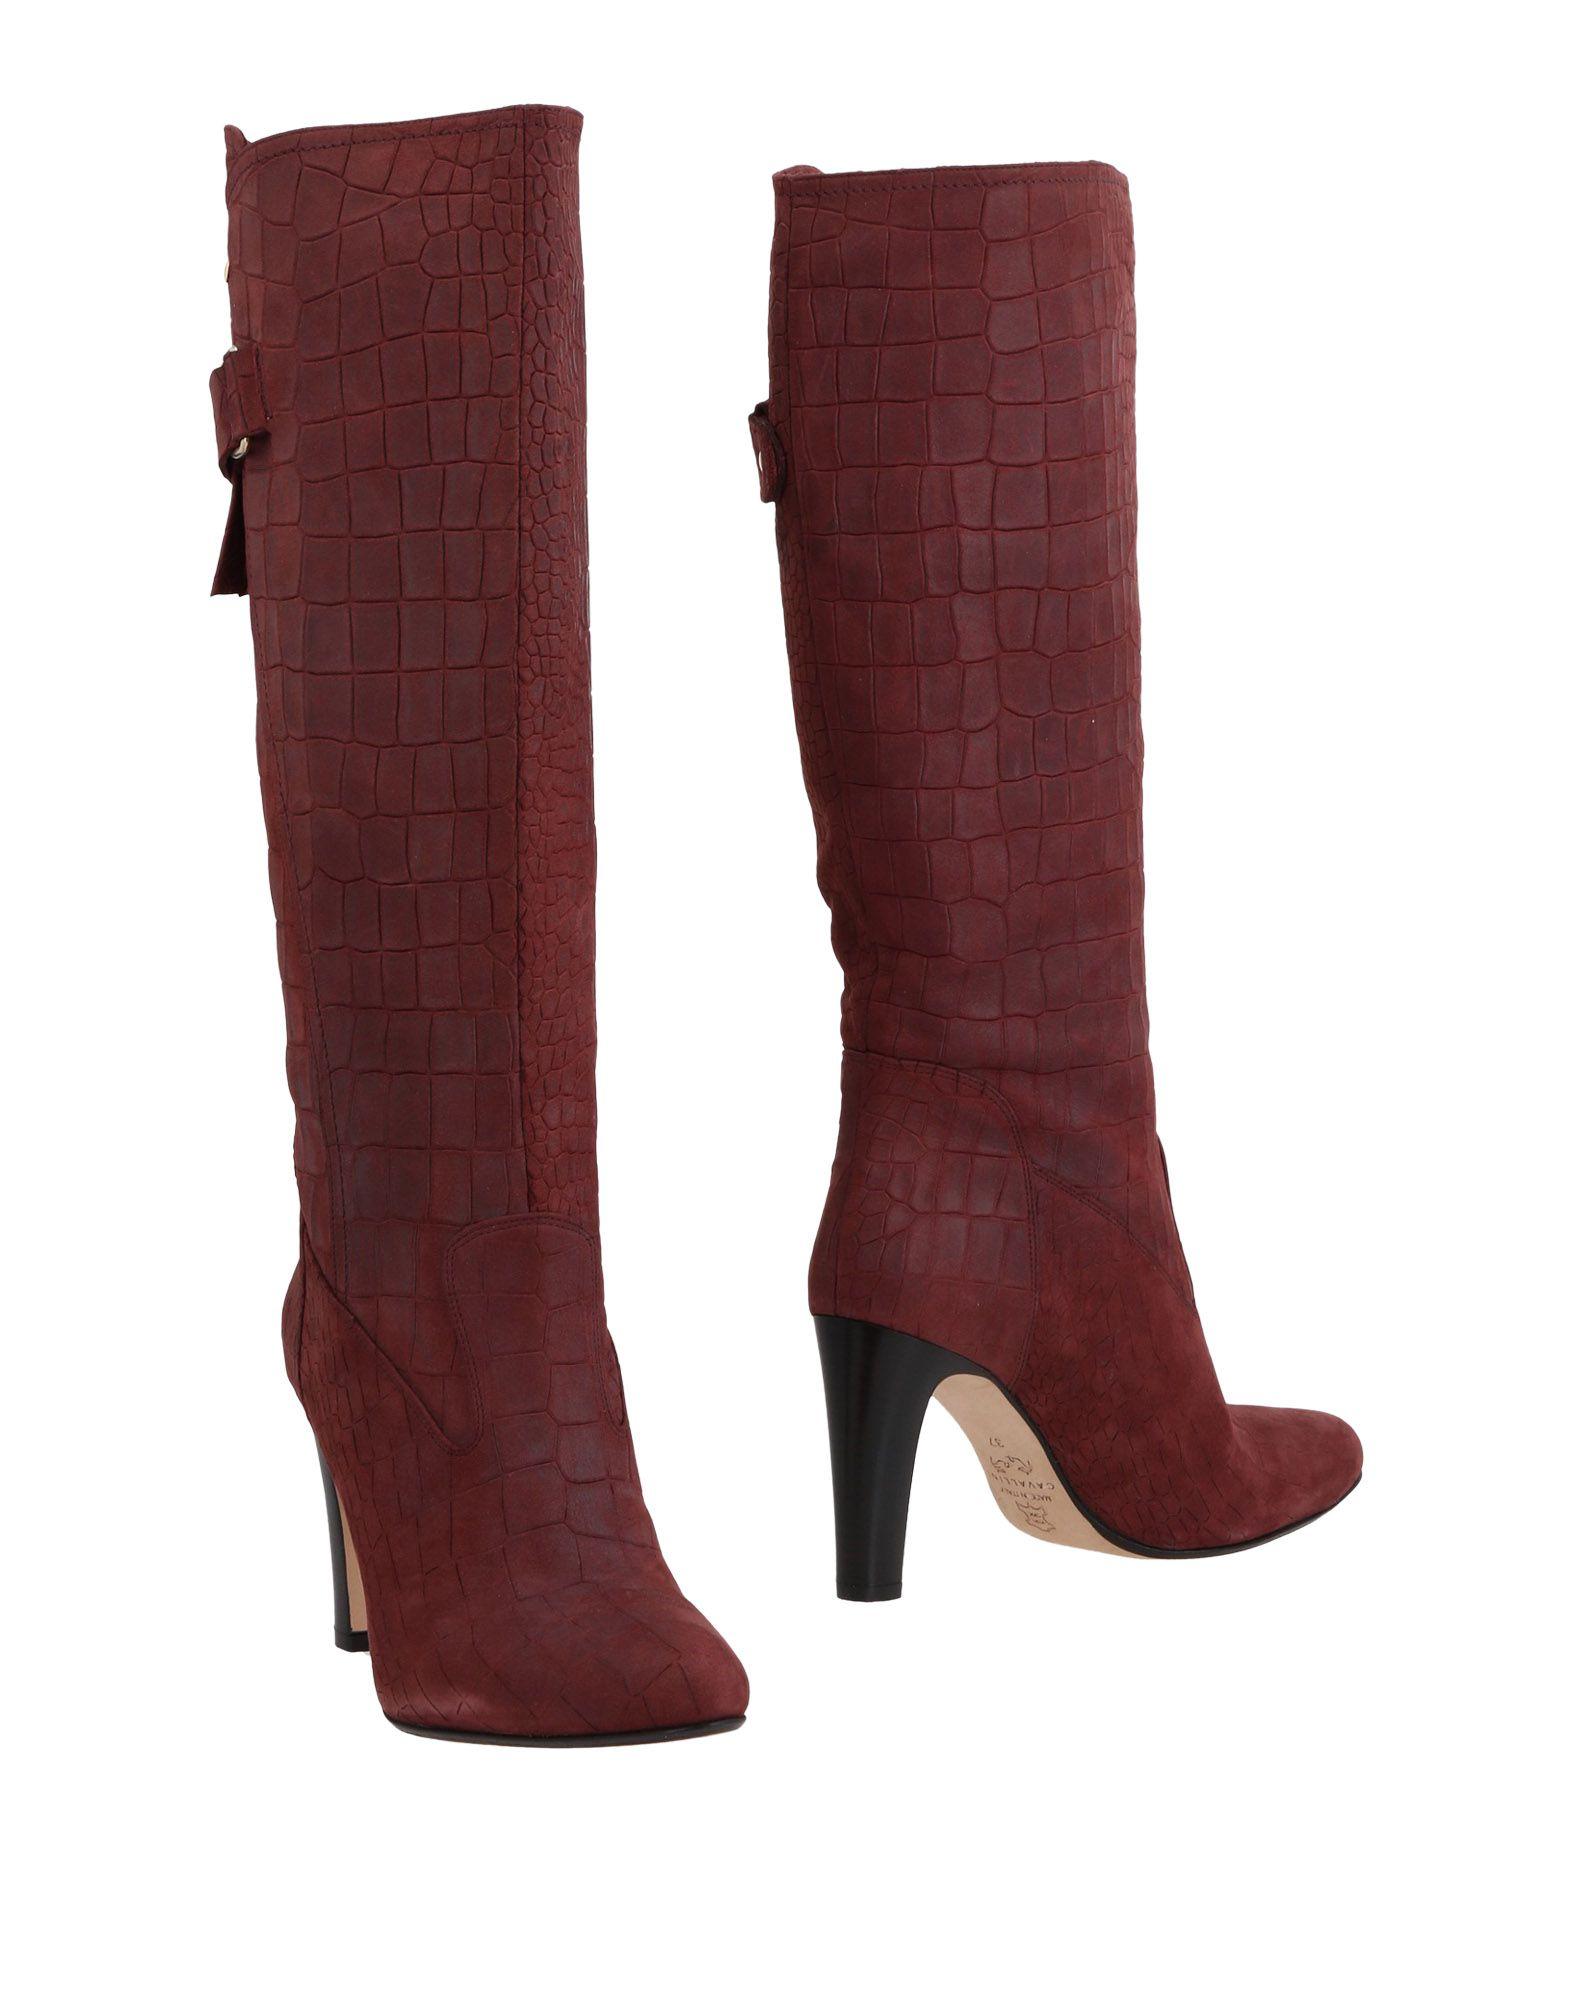 Sandali Rodo Donna - 11572295KX moda Scarpe economiche e alla moda 11572295KX d3e1bd